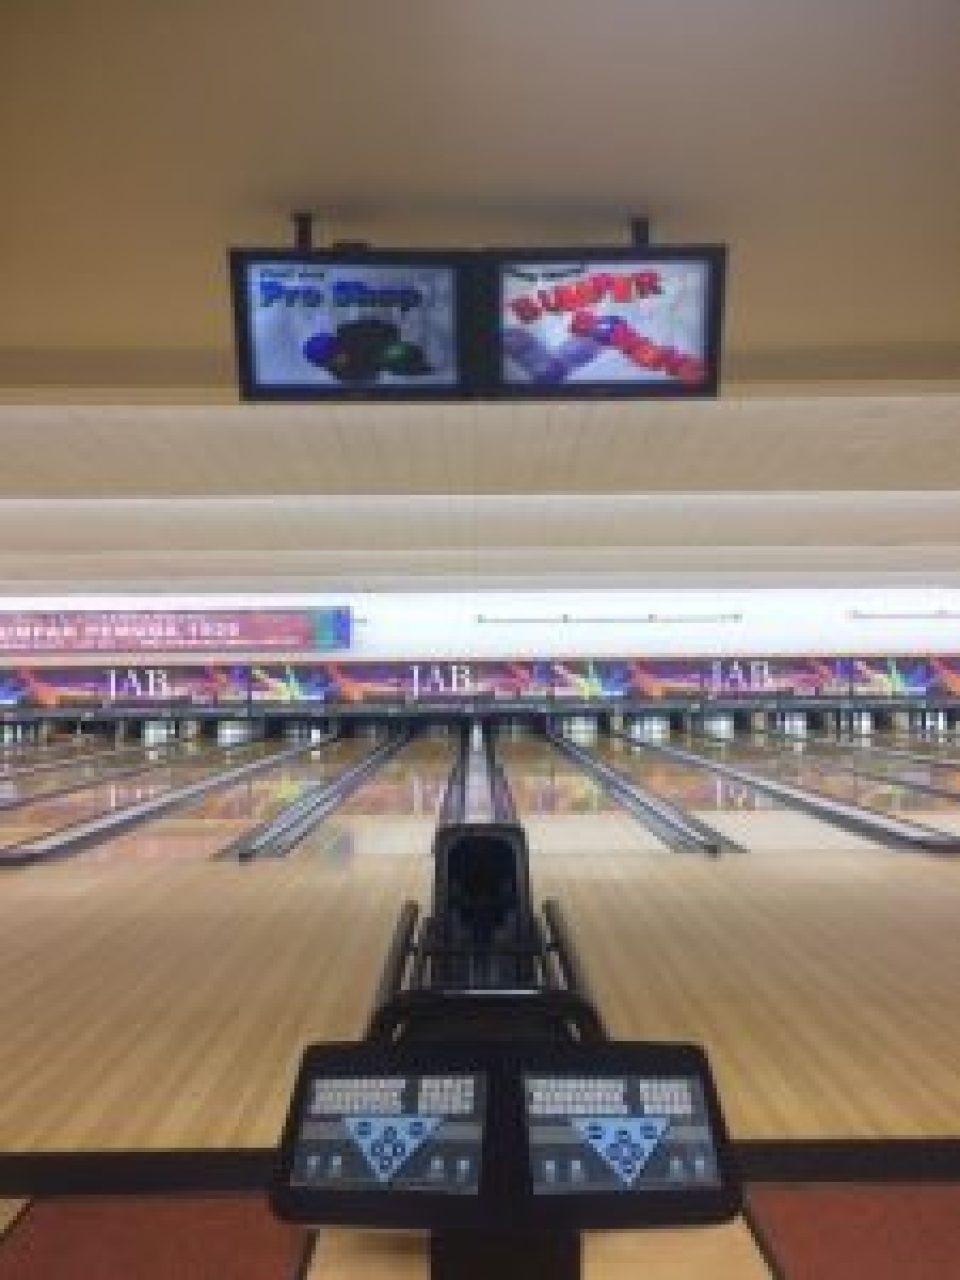 Arena permainan bowling - Jakarta Ancol Bowling